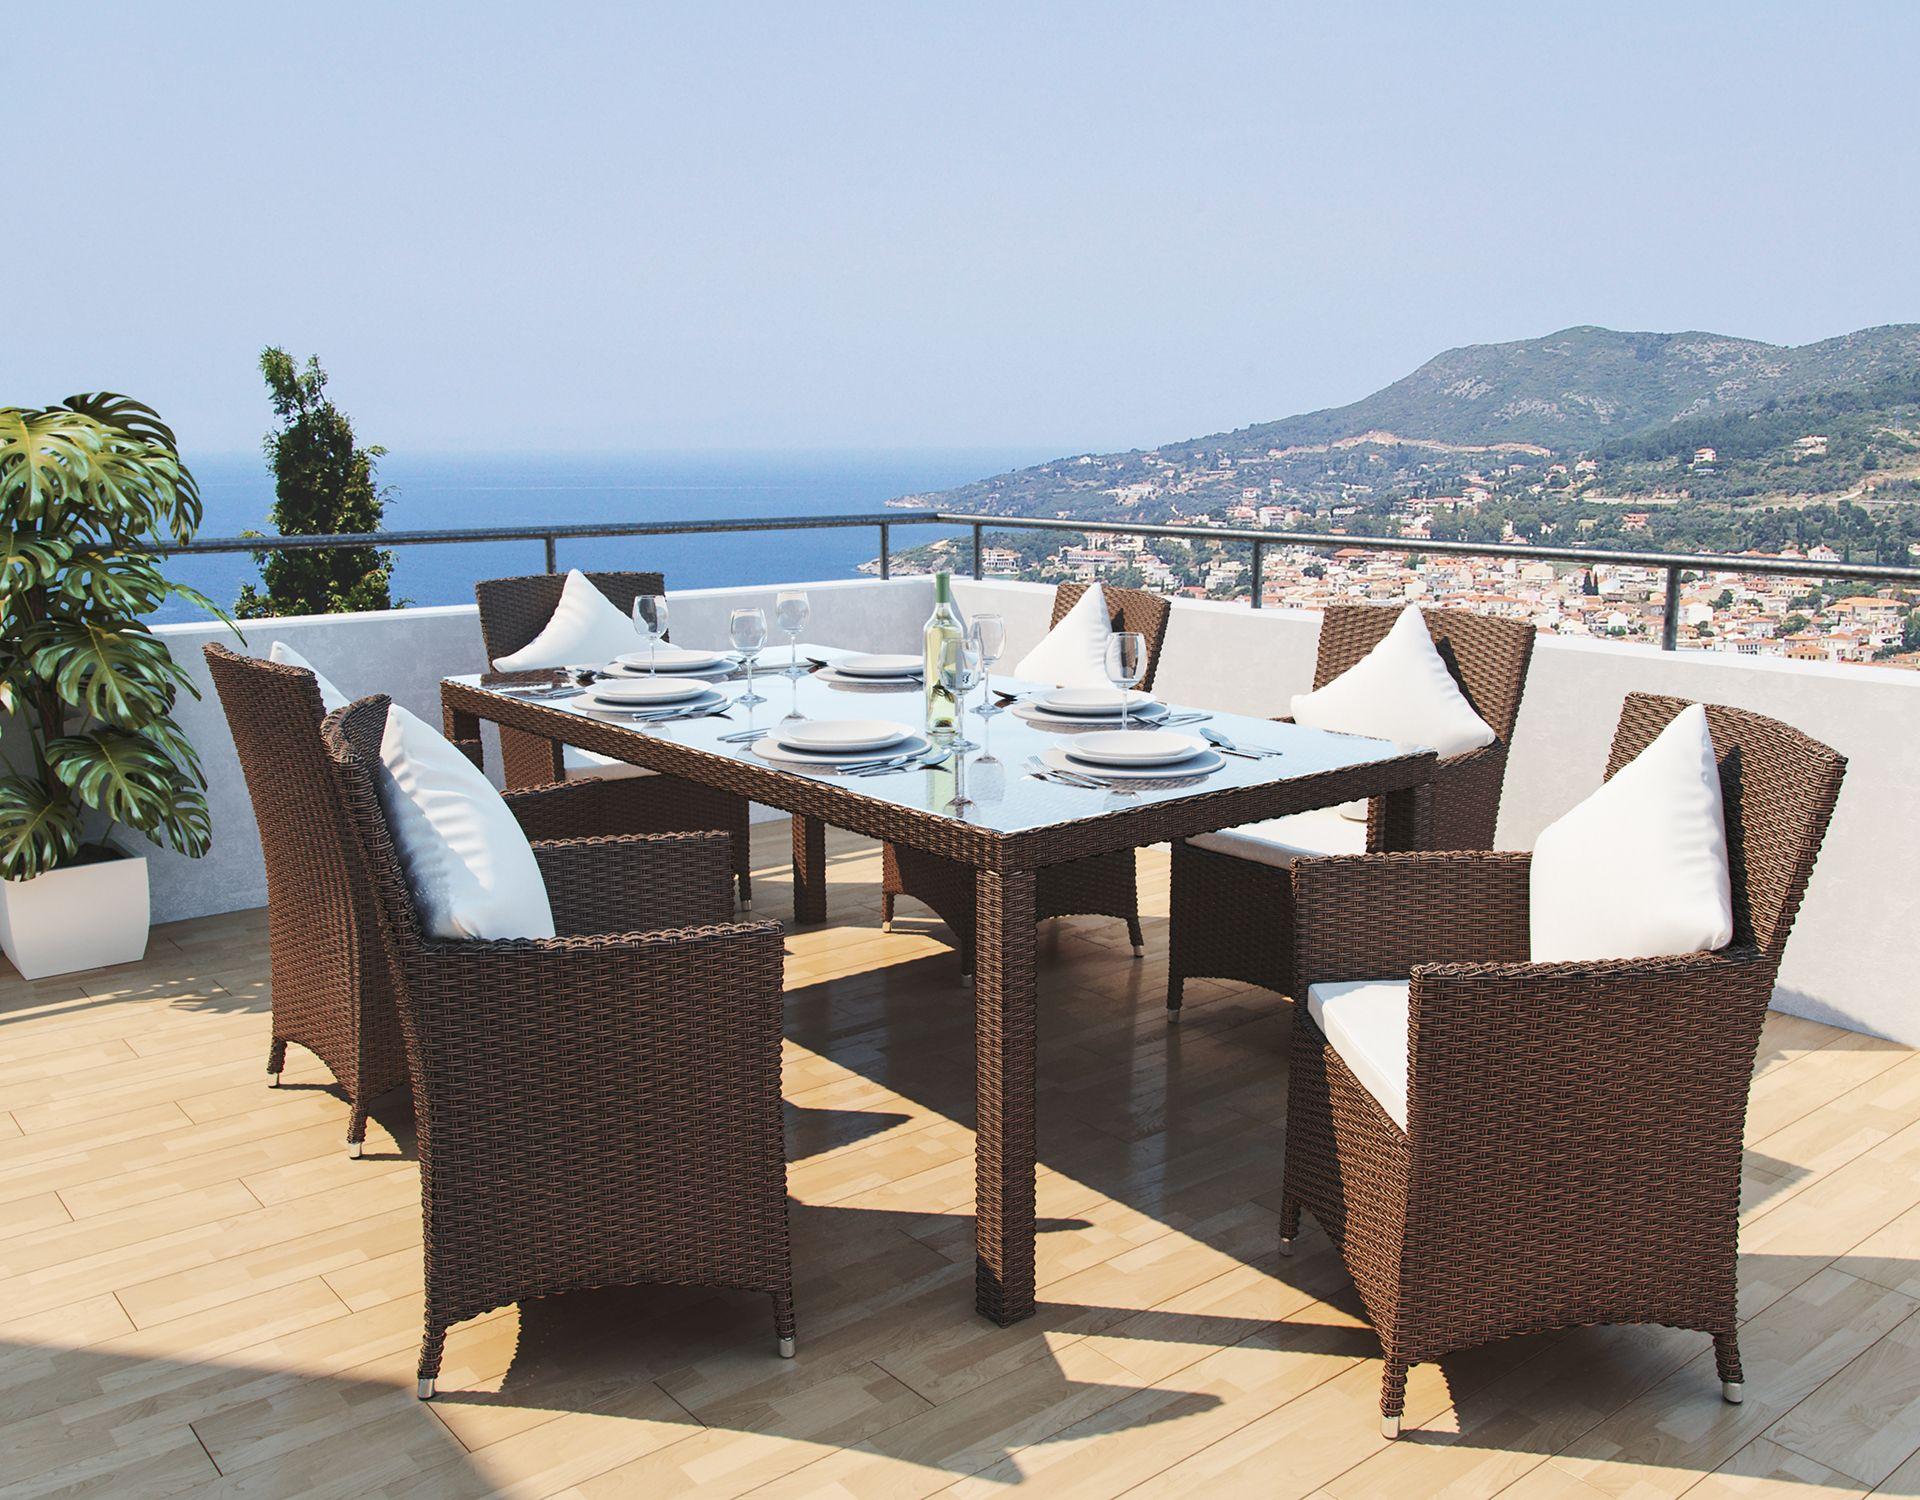 artelia austria jetzt g nstig ein polyrattan esstisch set 7tlg kaufen. Black Bedroom Furniture Sets. Home Design Ideas